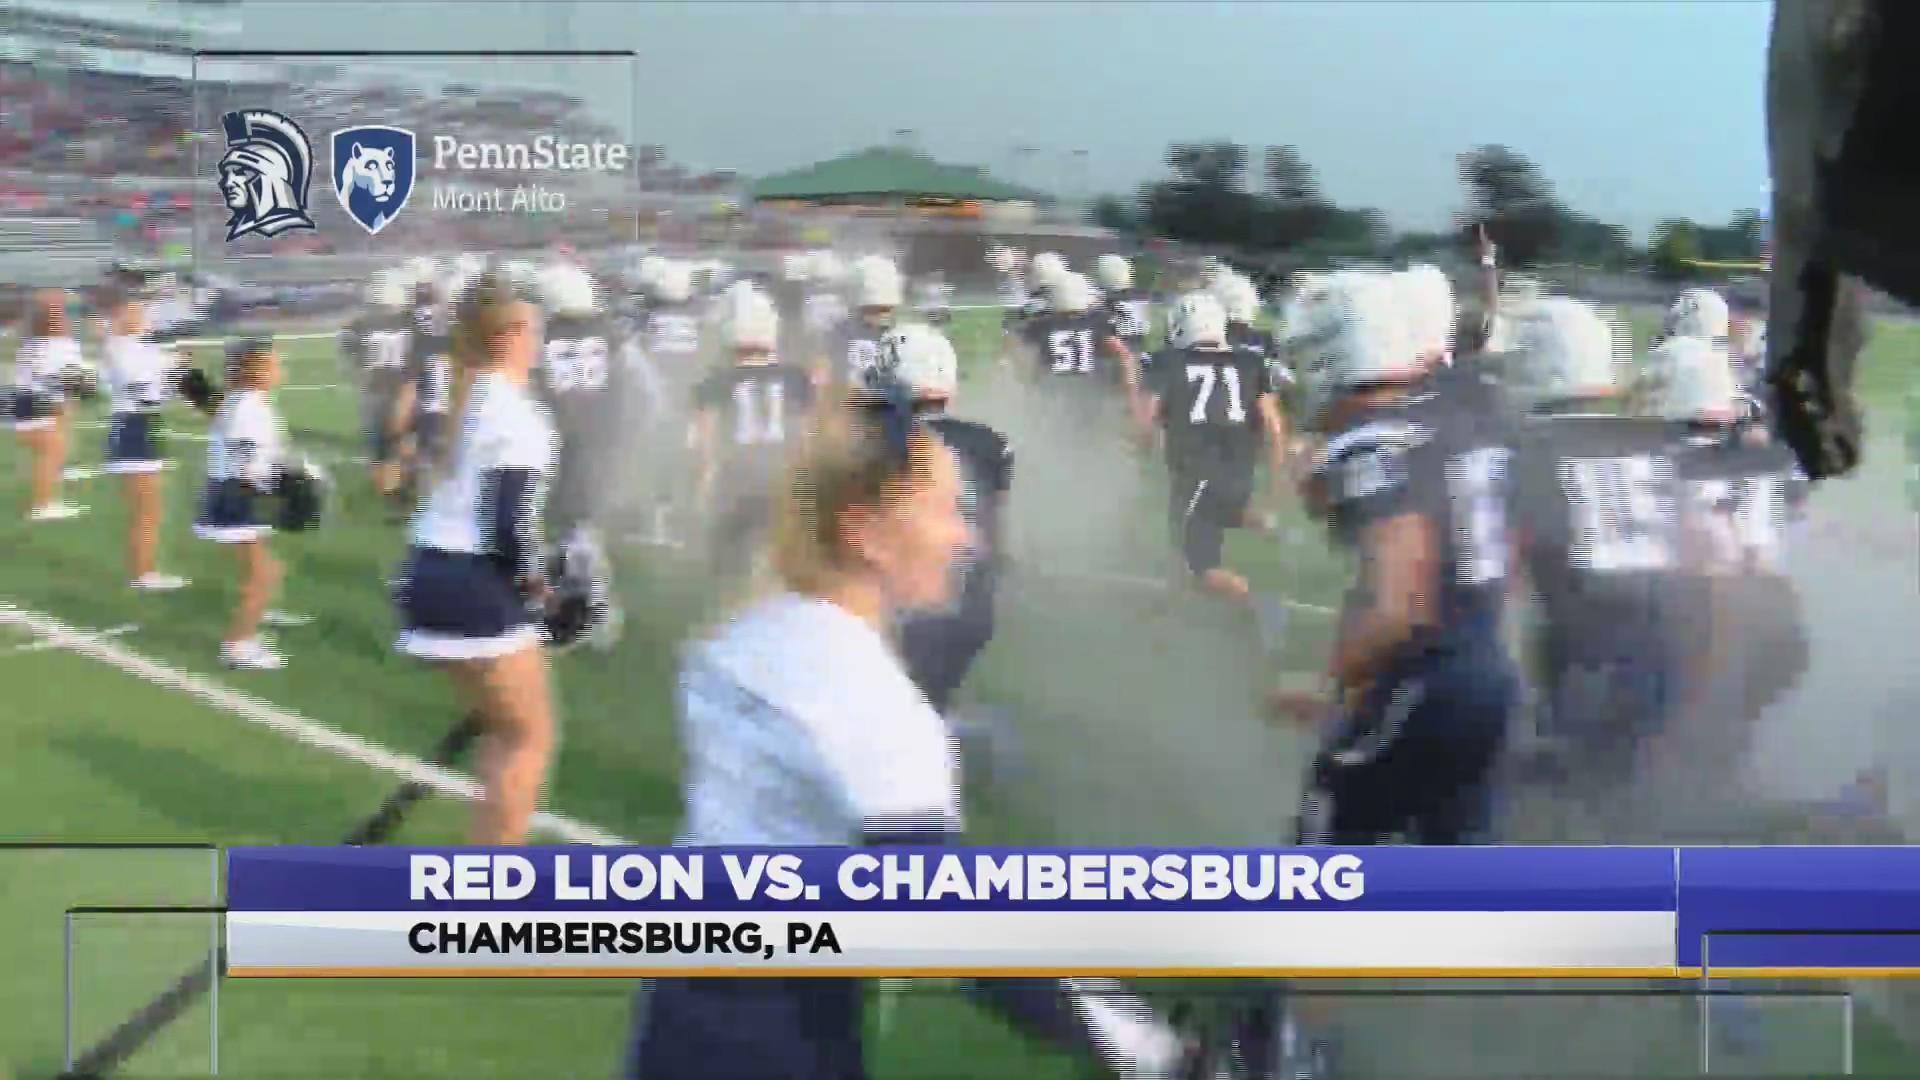 Red_Lion_vs_Chambersburg_0_20180908035623